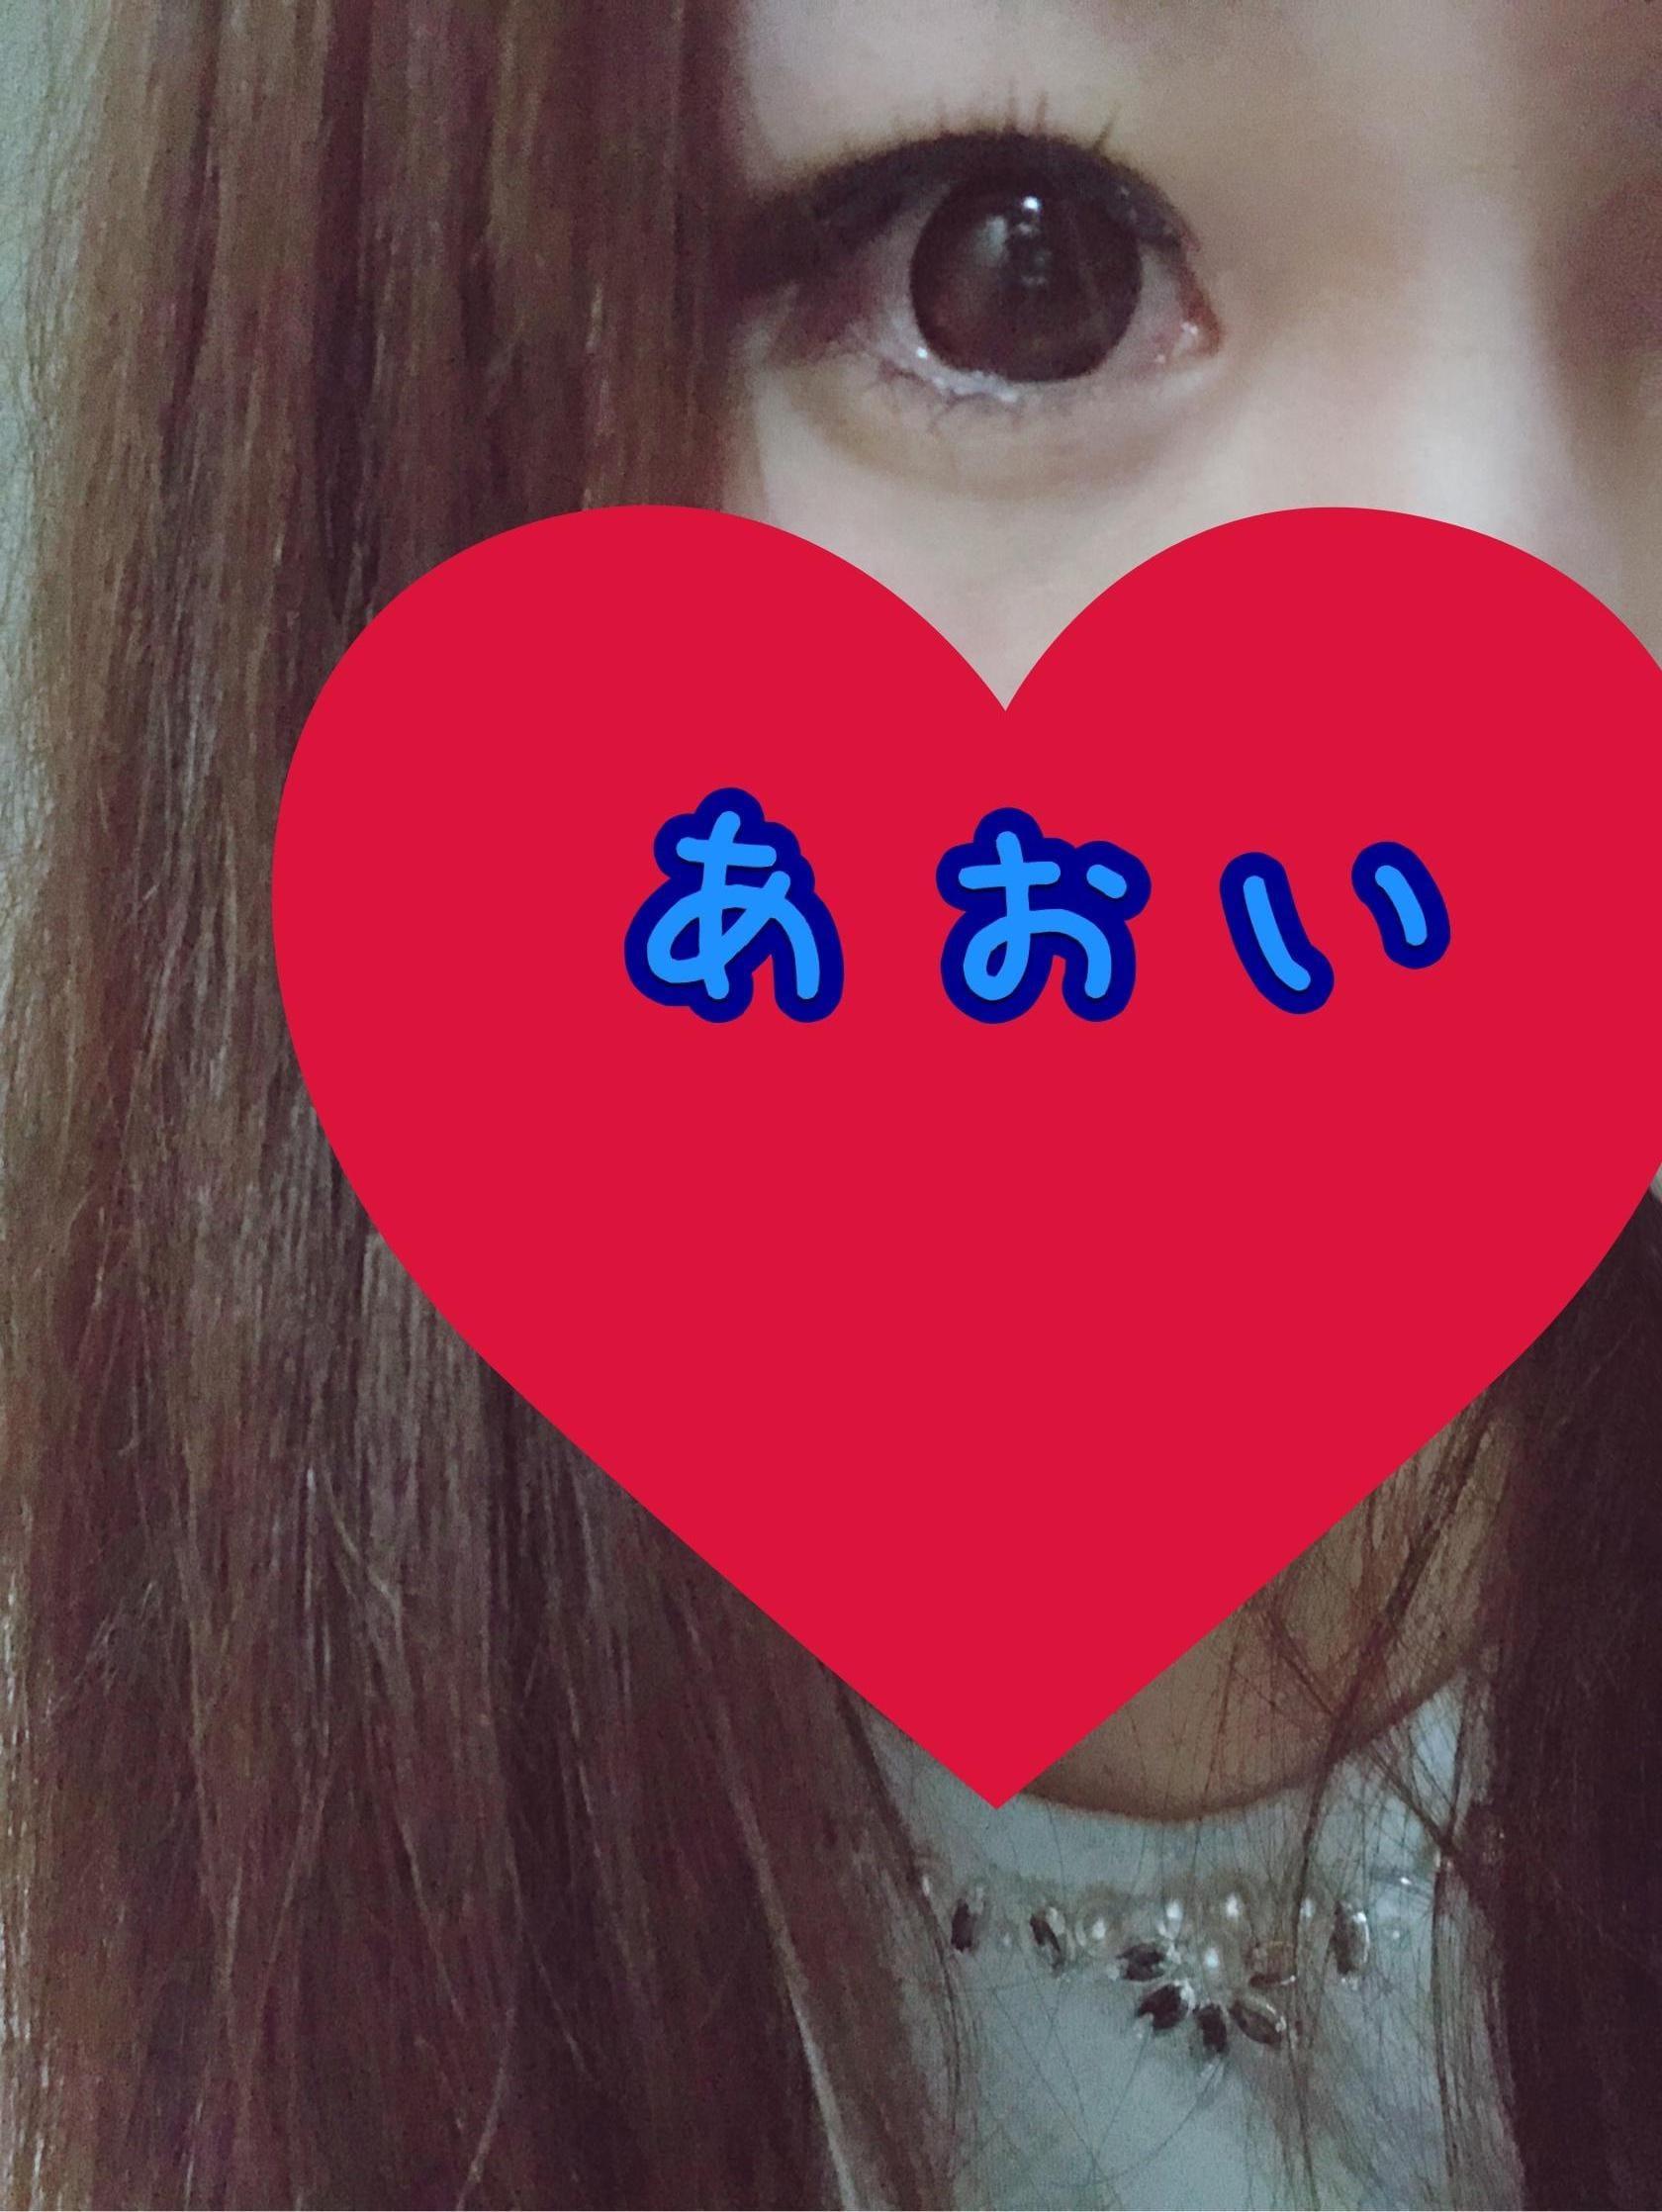 「こんばんは★」04/26(木) 20:36 | あおいの写メ・風俗動画